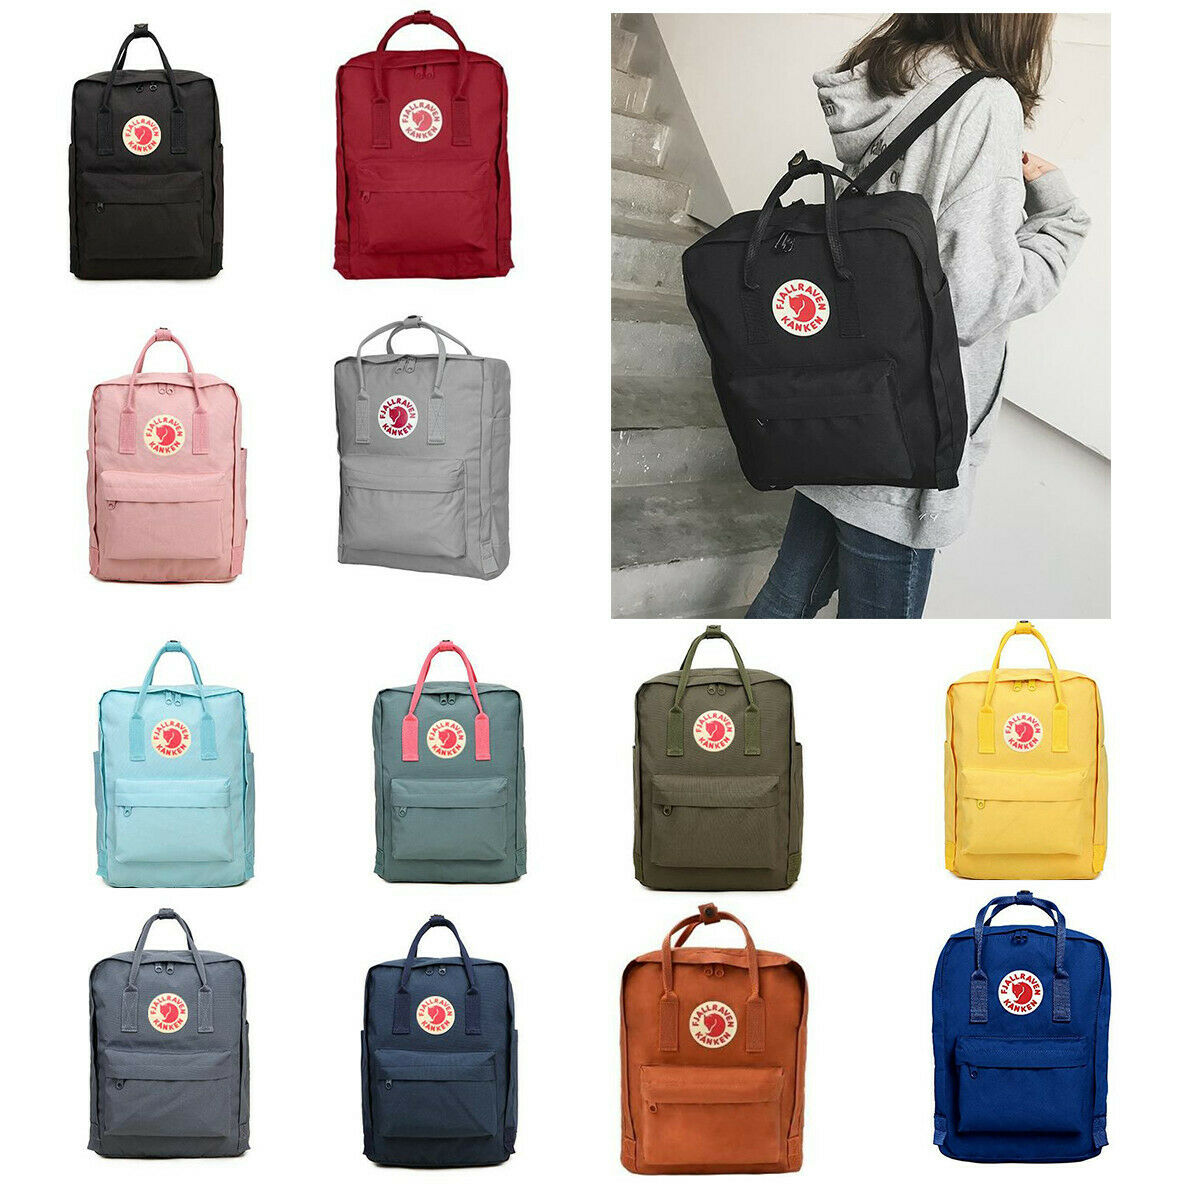 Waterproof Fjallraven Kanken0 Sport Backpack Canvas Travel Bag 7L/16L/20L 3